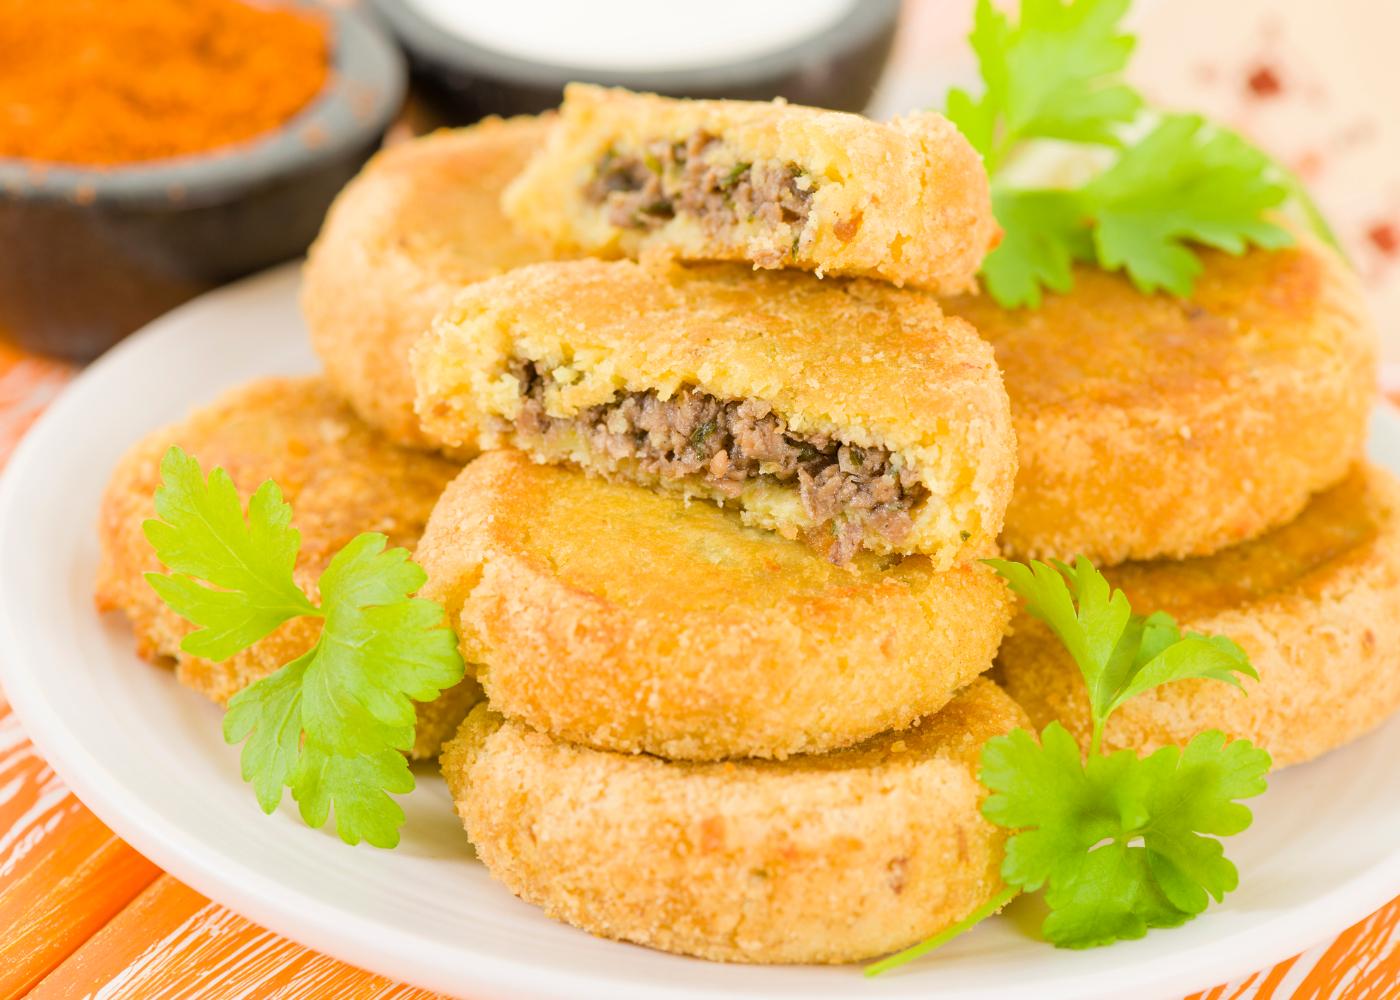 receitas saudaveis com batata doce para almoco e jantar